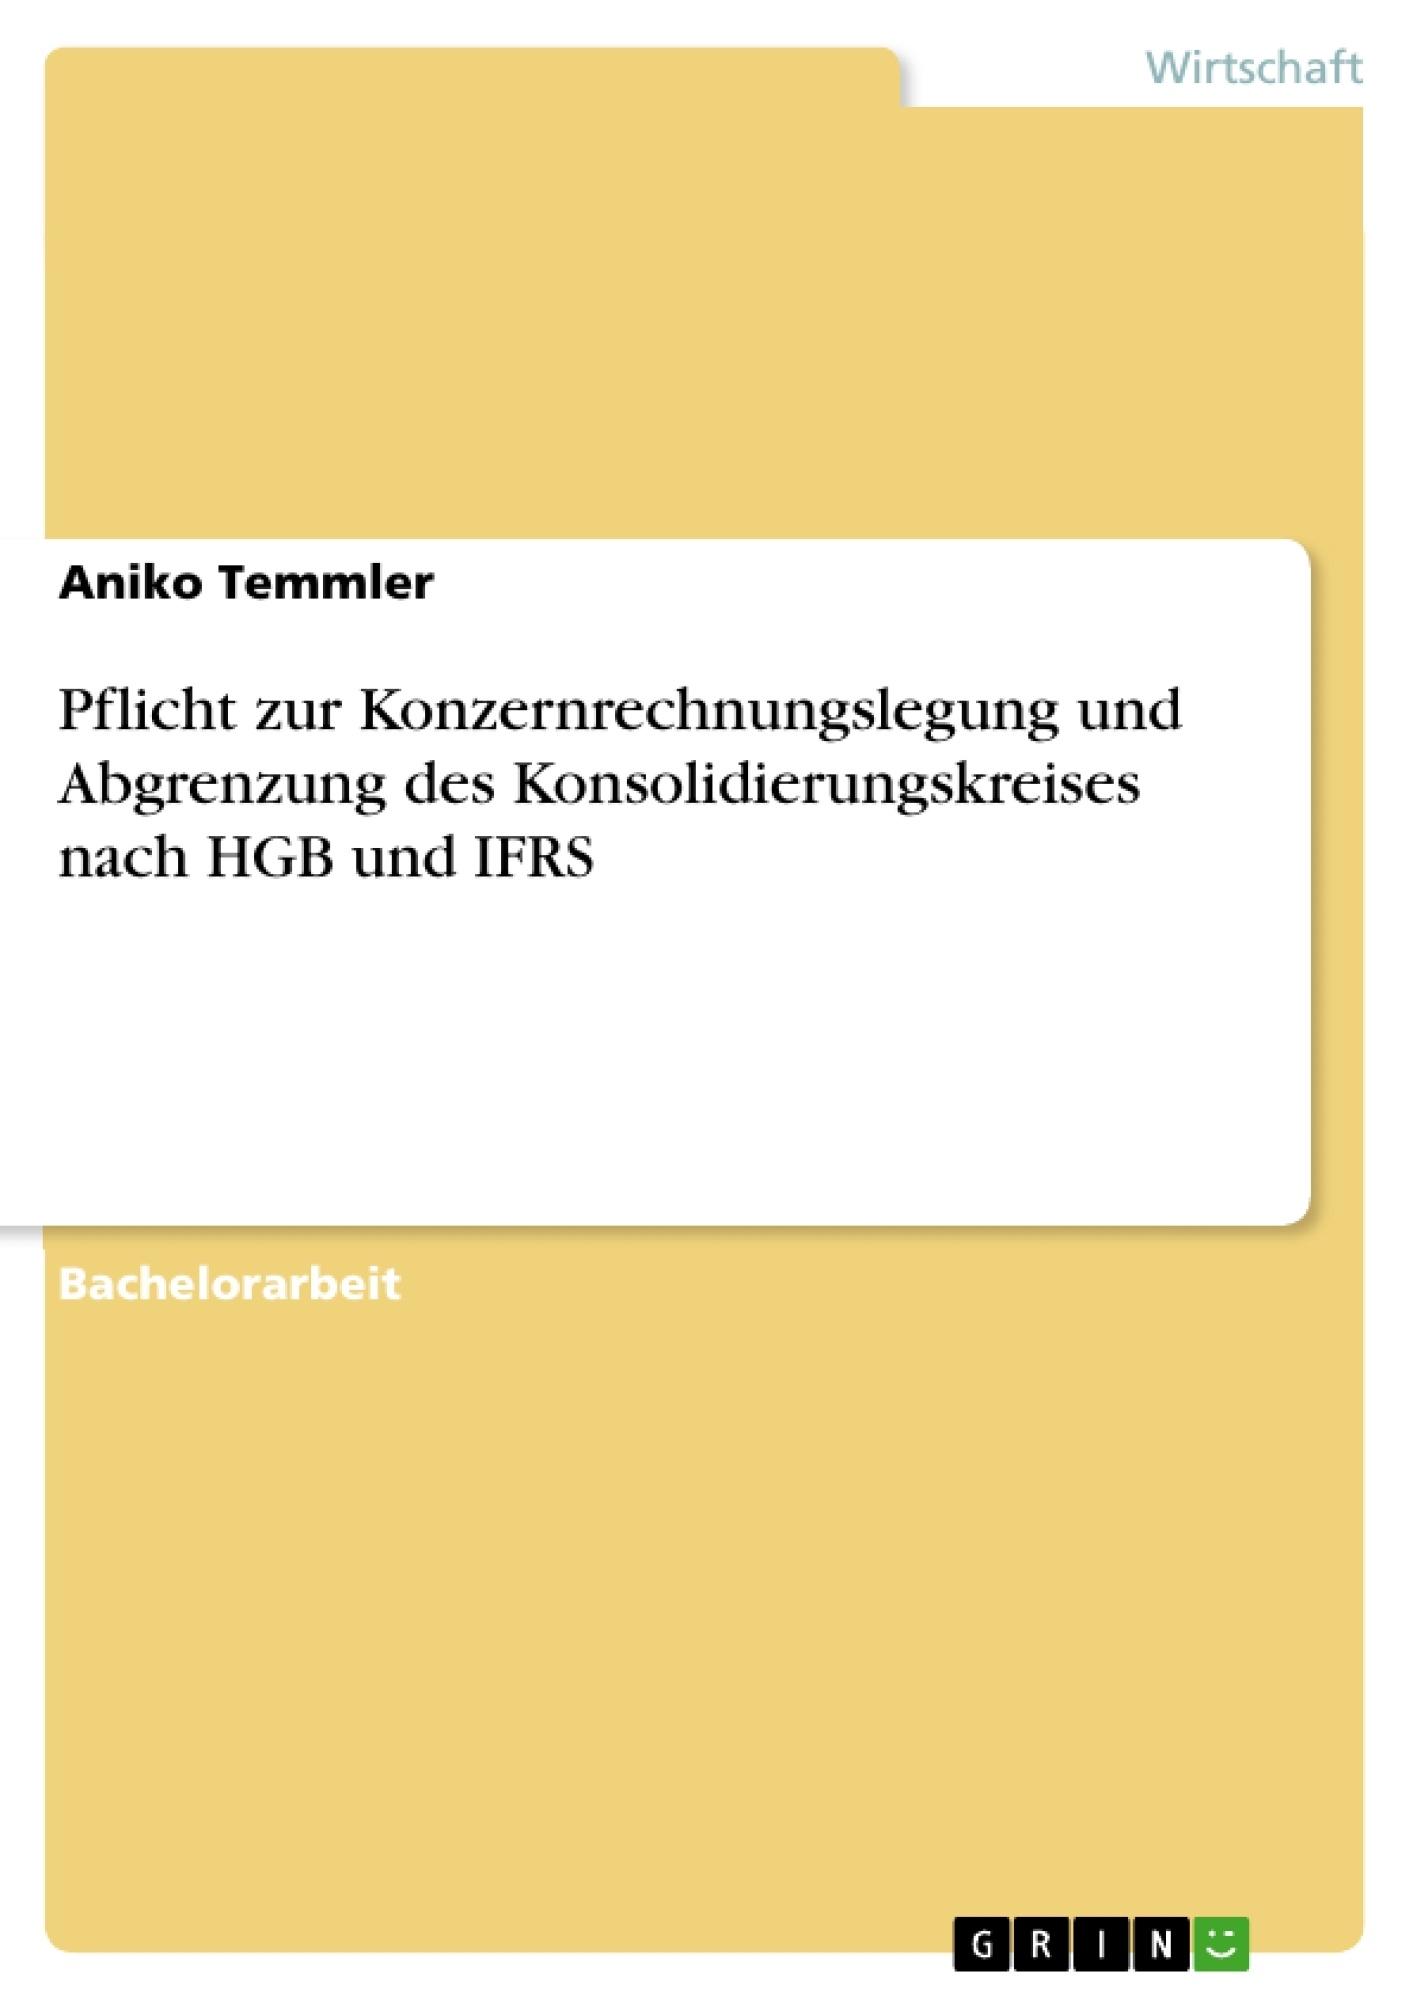 Titel: Pflicht zur Konzernrechnungslegung und Abgrenzung des Konsolidierungskreises nach HGB und IFRS